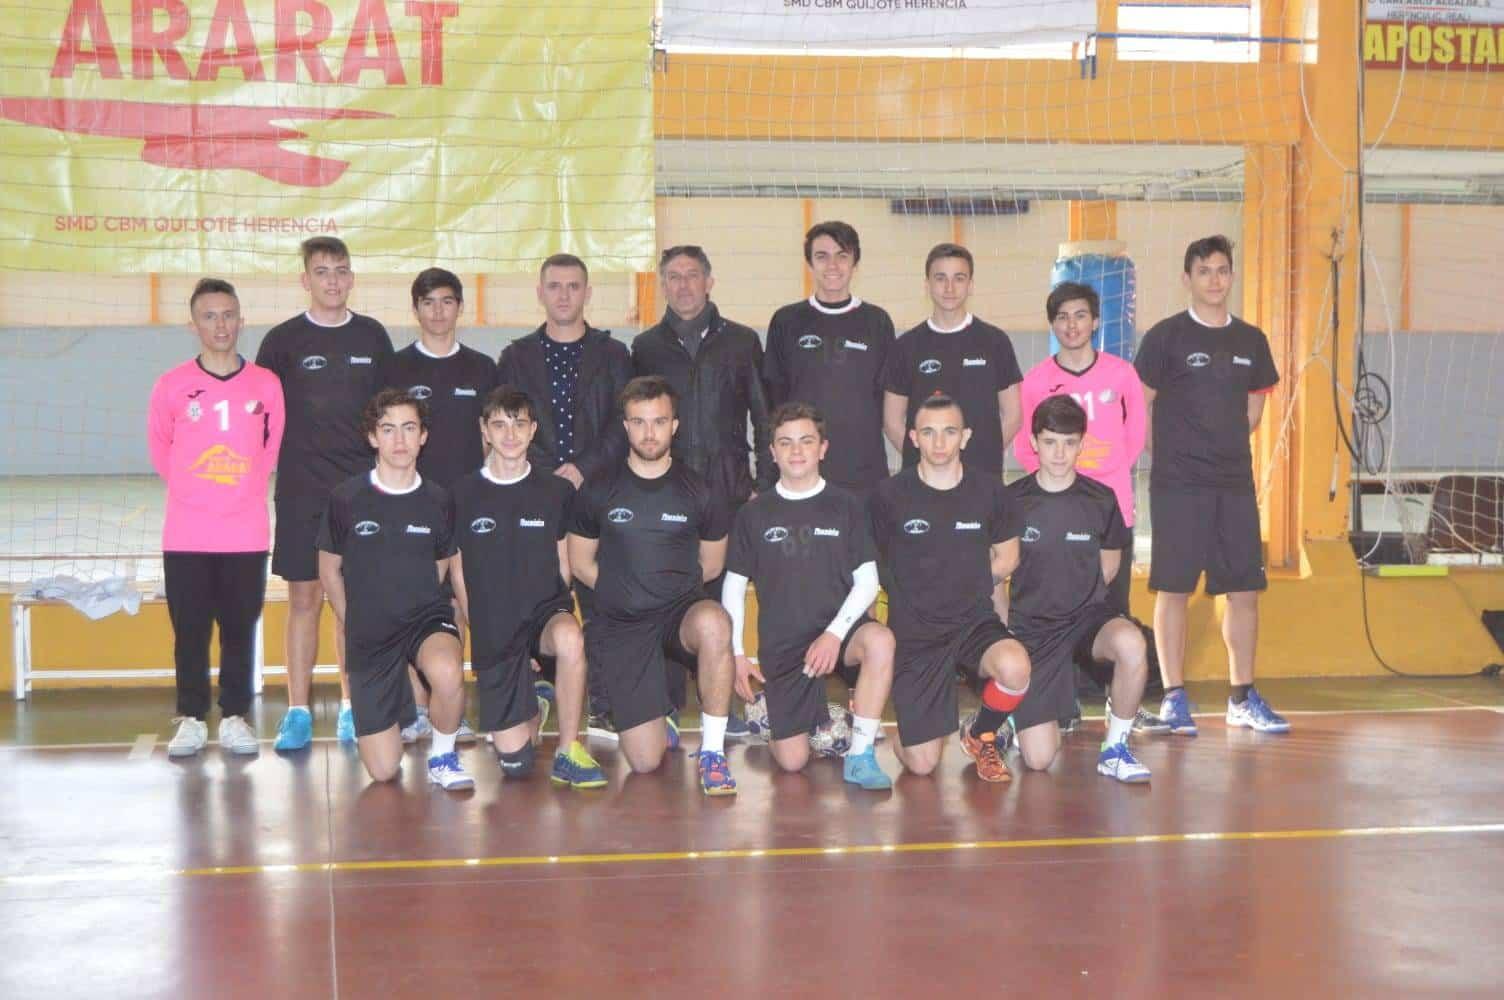 club de balonmano SMD Quijote Herencia2 - El club balonmano SMD Quijote Herencia renueva su acuerdo de patrocinio con el grupo Ararat